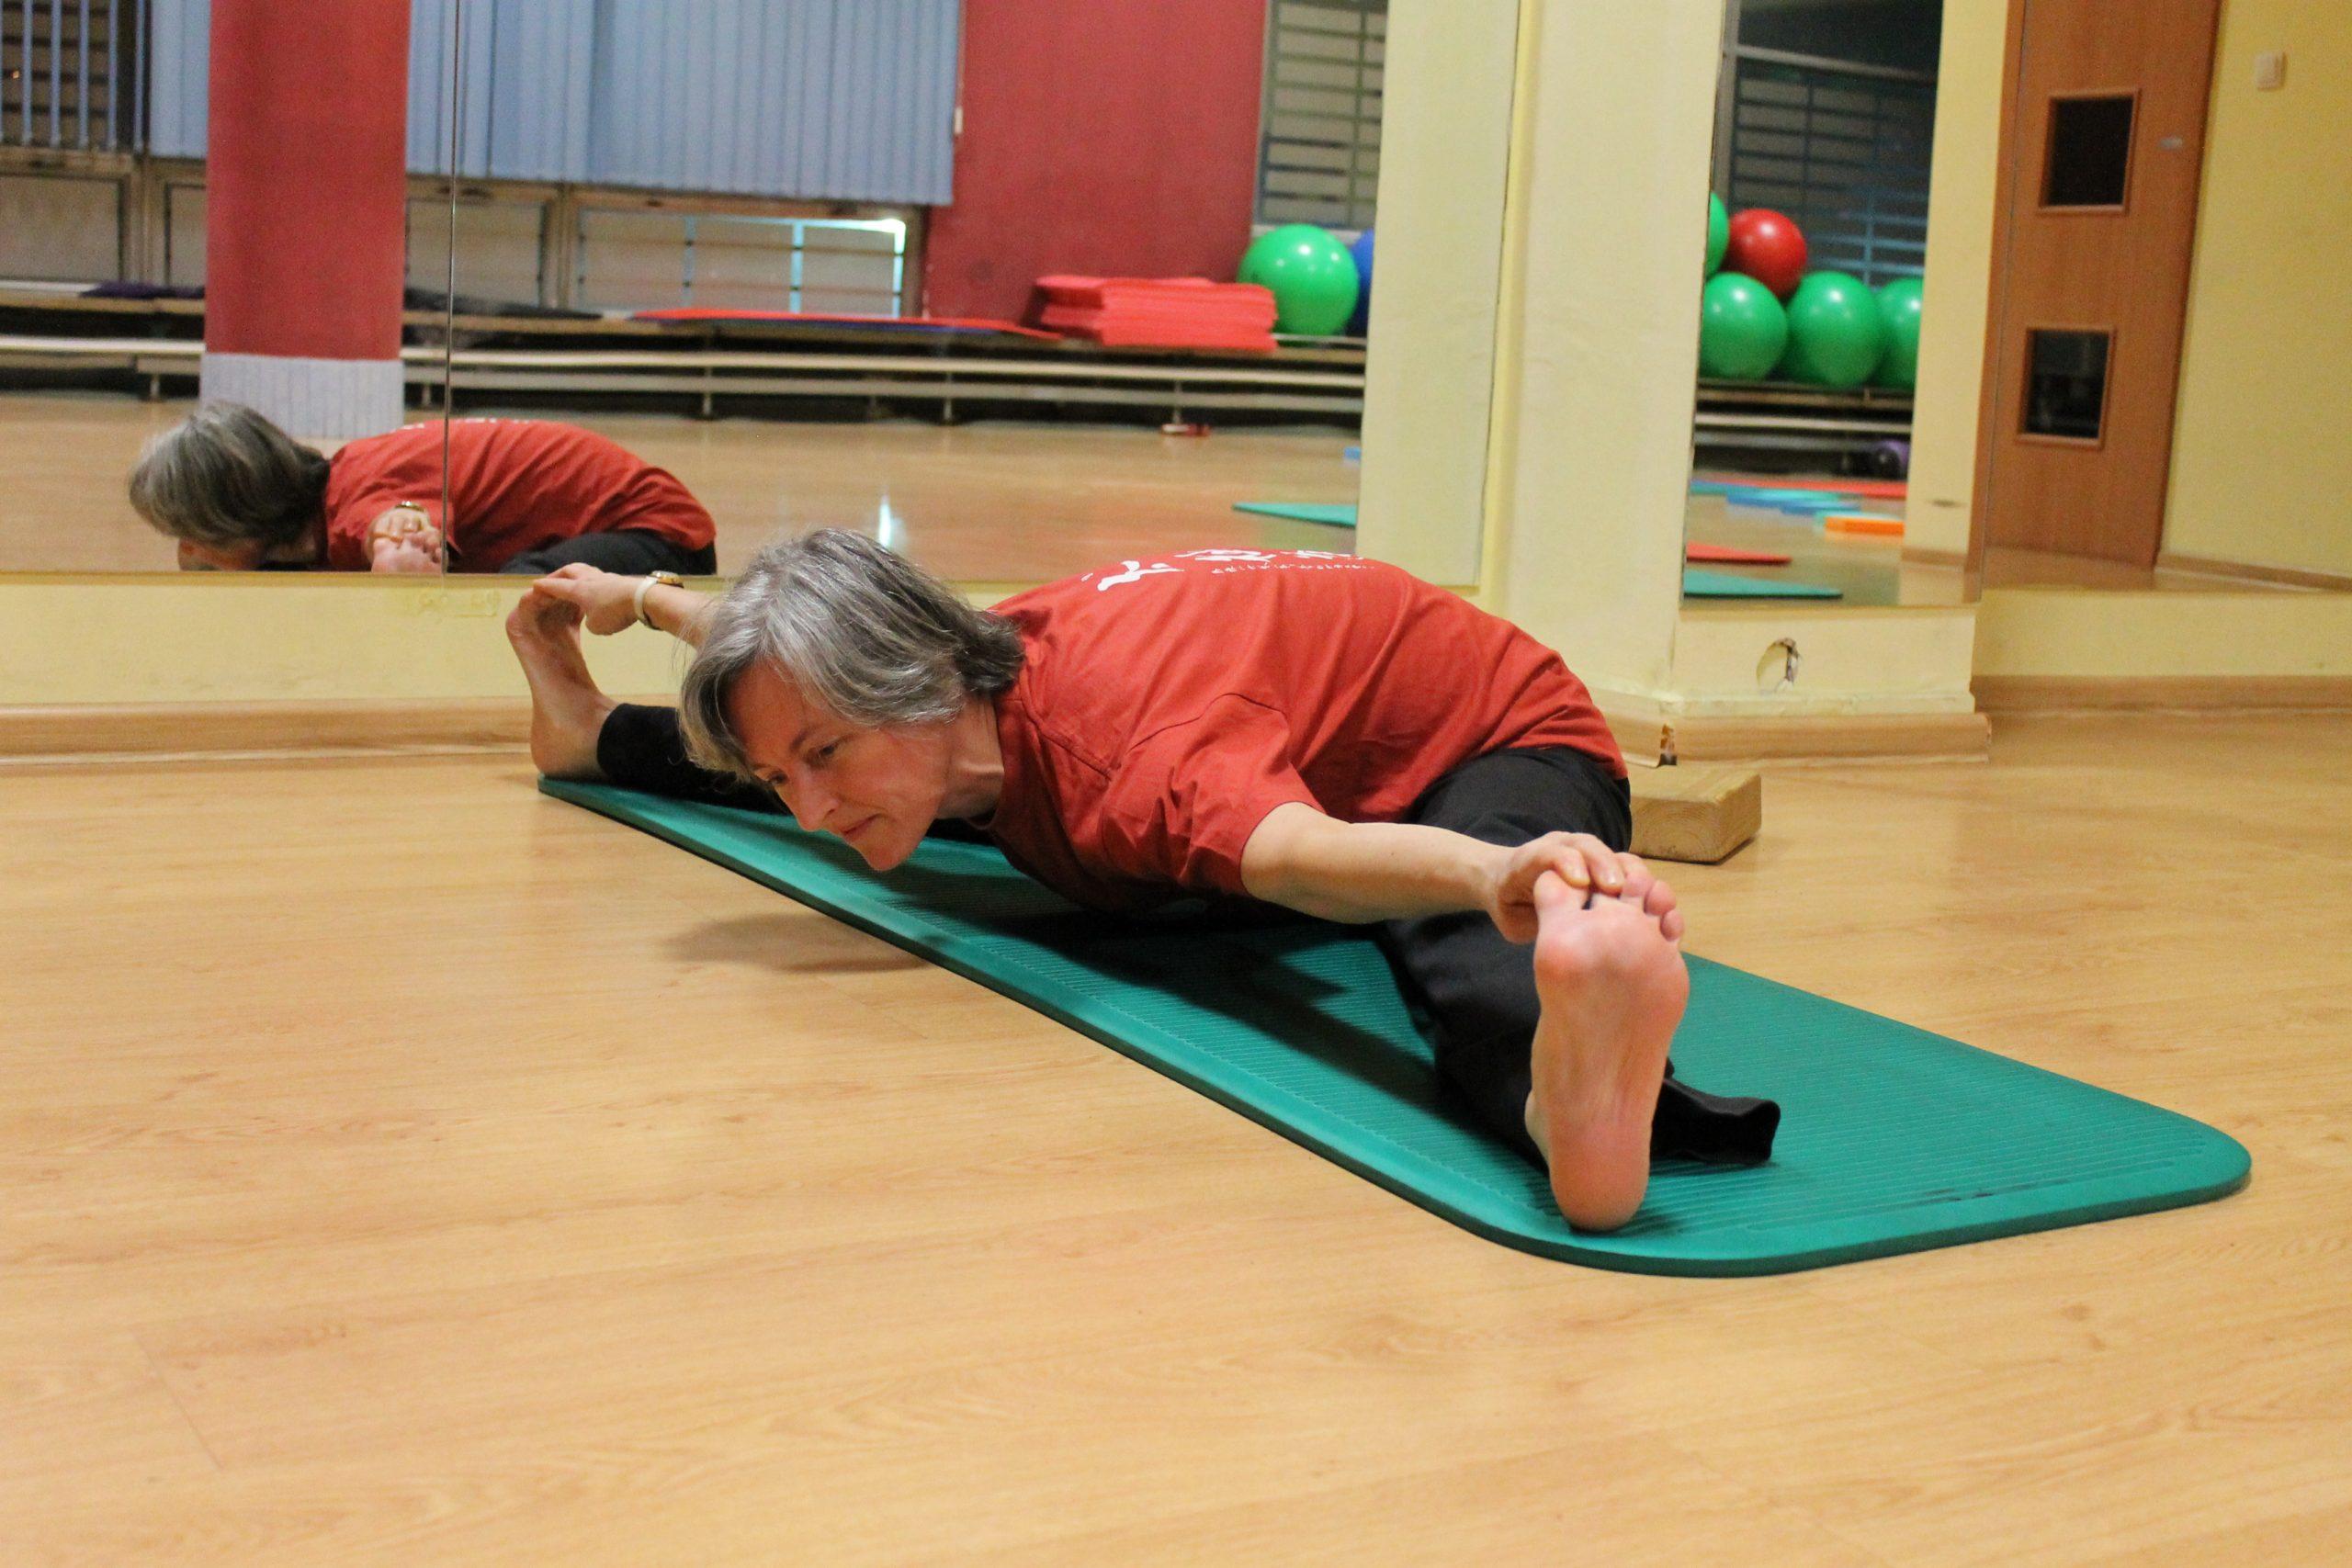 Zajęcia jogi w Cieszynie to ćwiczenia dla poprawy witalności i kondycji fizycznej. Joga poprawia ruchomość w stawach, likwiduje bóle stawów i kręgosłupa oraz wzmacnia kości i ścięgna